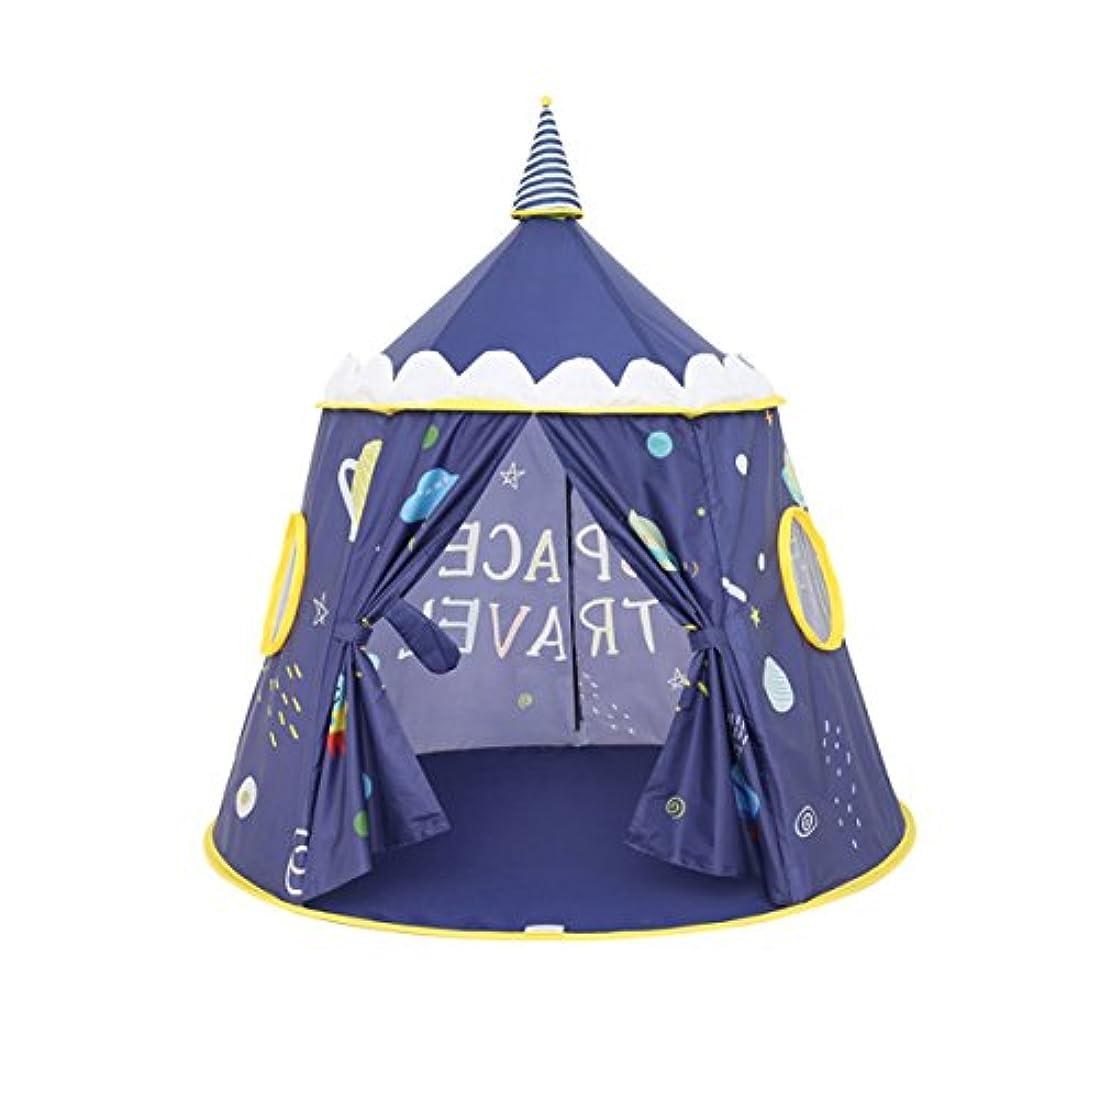 国家スリーブミルLWT 子供の遊びテントFoldableポータブル屋内ゲームハウス城(ピンク、青110 * 125センチメートル1のパッキング) (Color : Blue)